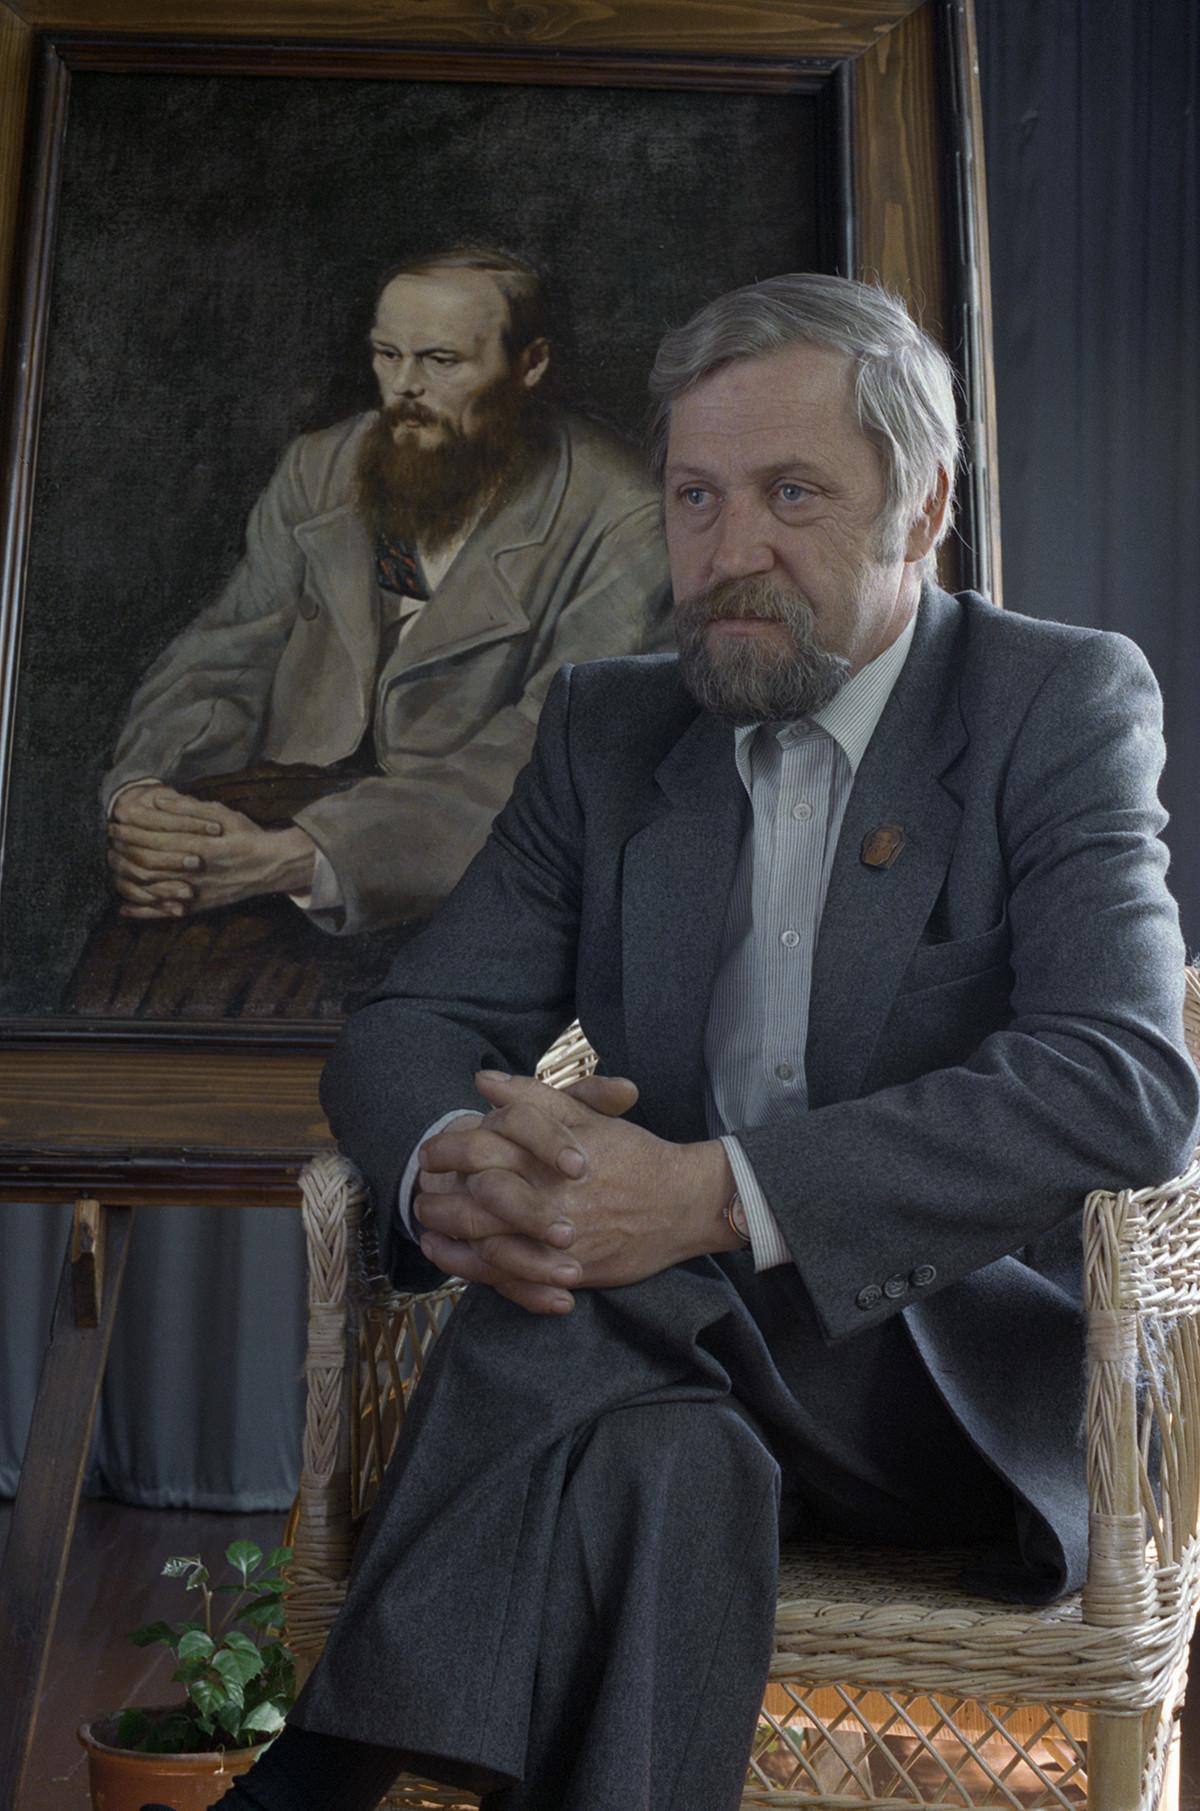 leto 1996 Udeleženec branj Dmitrij Andrejevič Dostojevski - pravnuk pisatelja